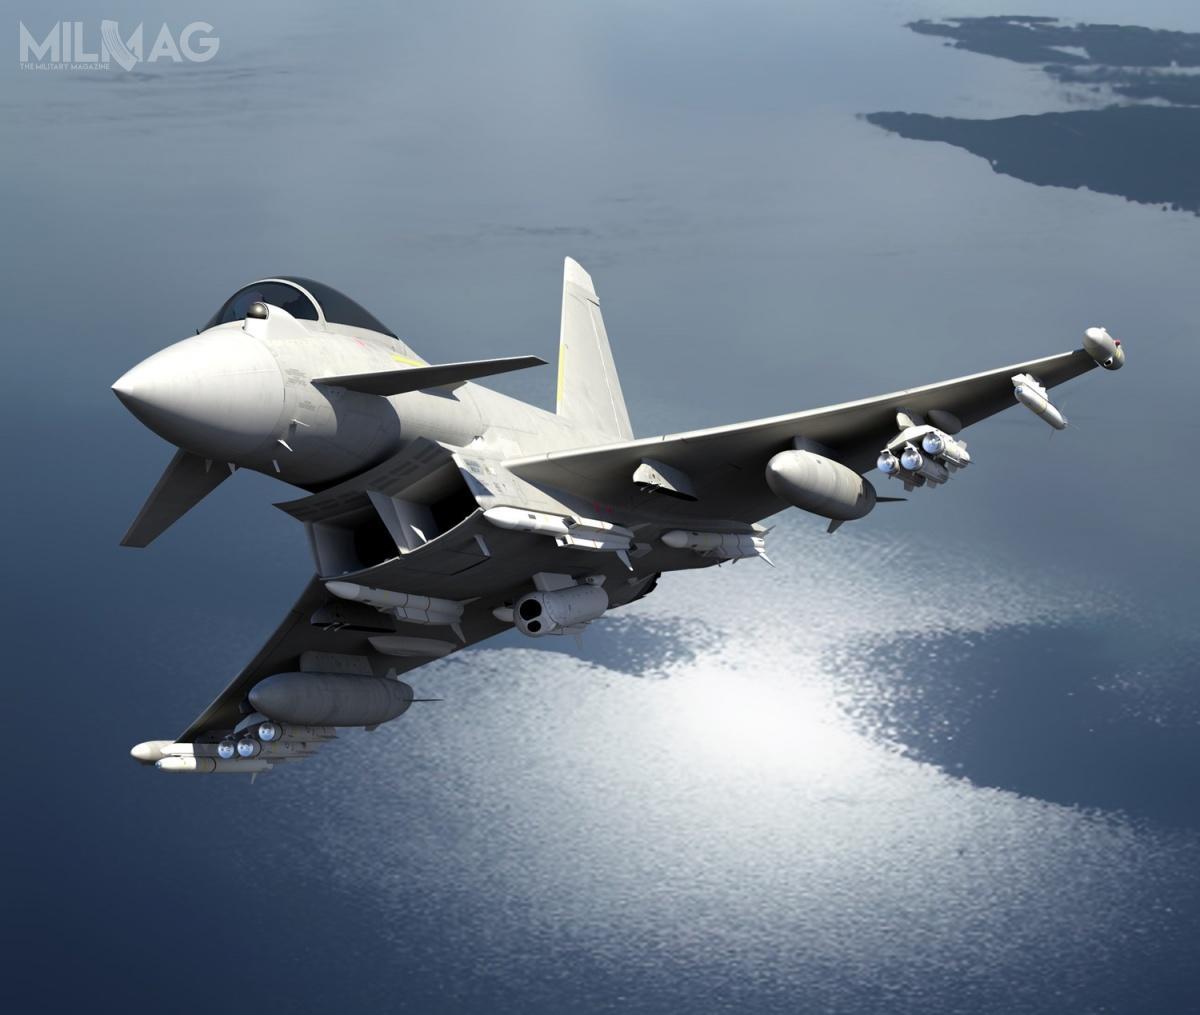 W przyszłości Eurofighter Typhoon będzie jedyną załogową platformą RAF, przenoszącą pociski rakietowe Brimstone 2CSP. /Zdjęcie: MBDA